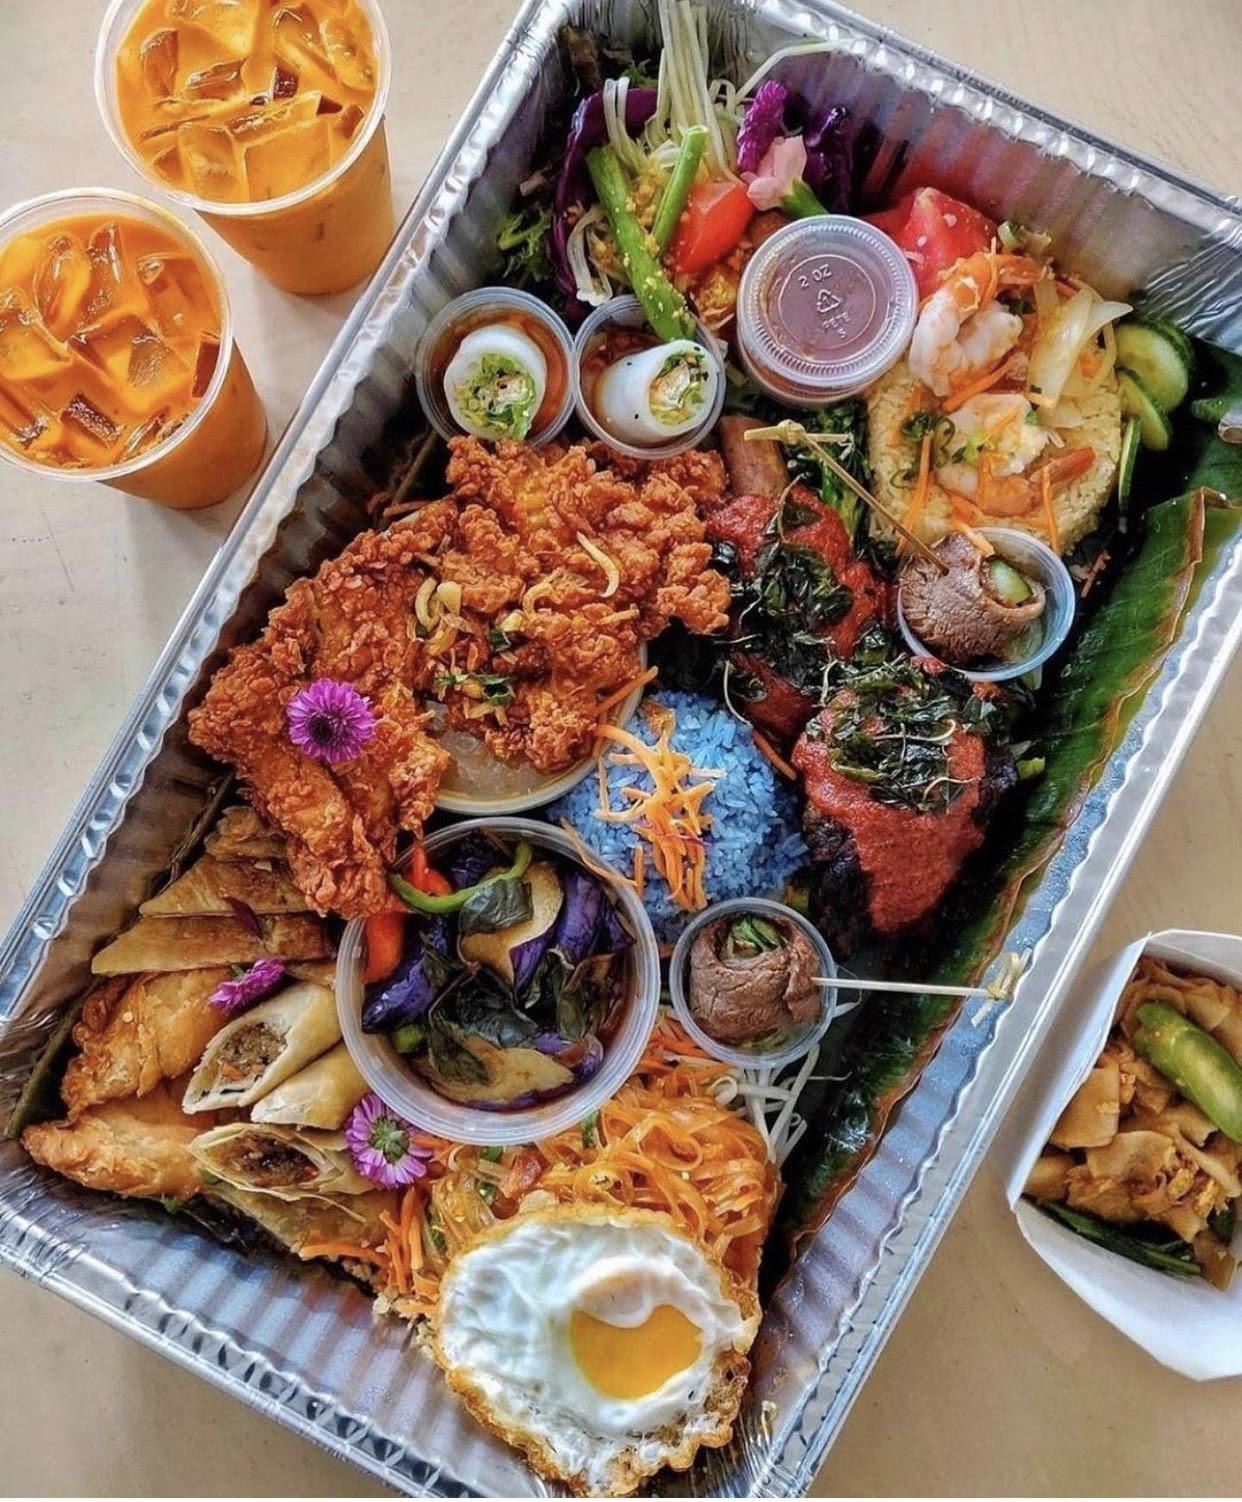 大饱口福~超级丰盛的Thai Food 图3